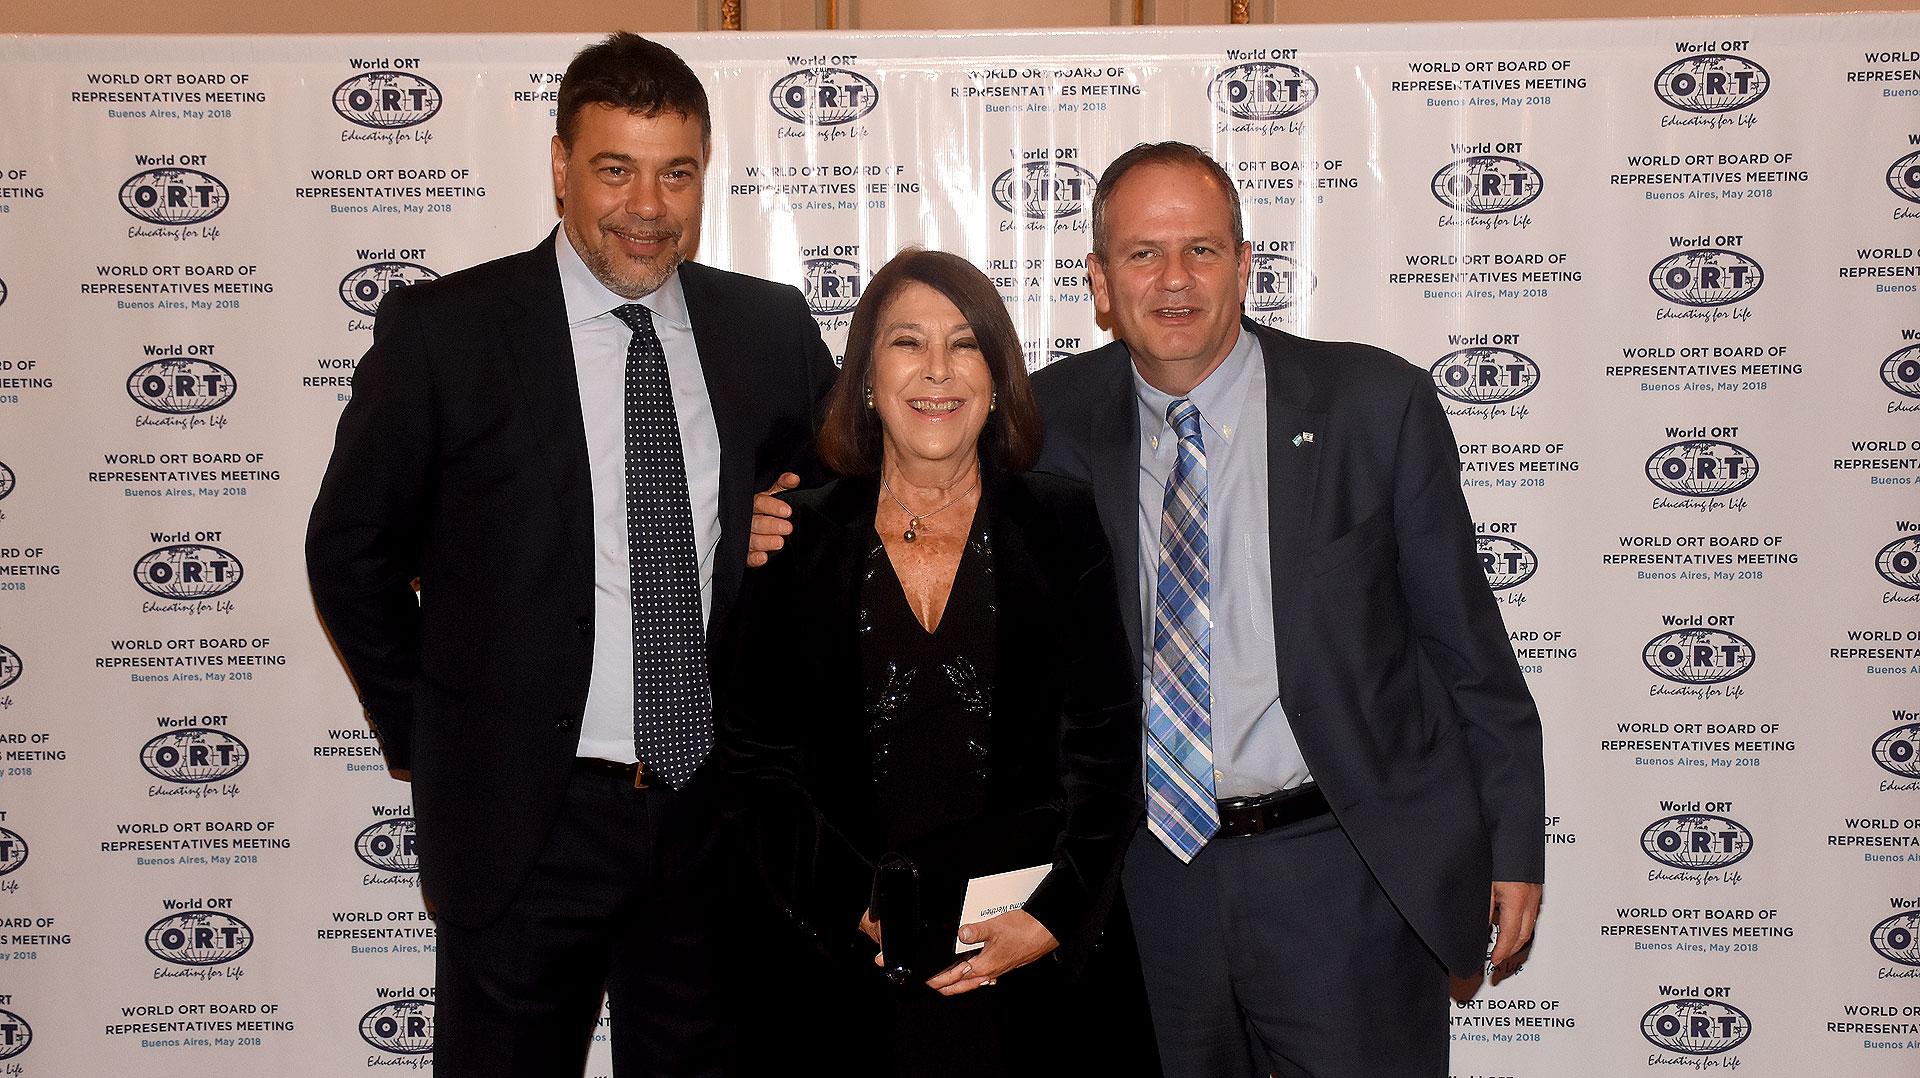 El Presidente del consejo de administración de ORT Mundial, Darío Werthein, su mamá Norma G. y el embajador de Israel, Illan Sztulman